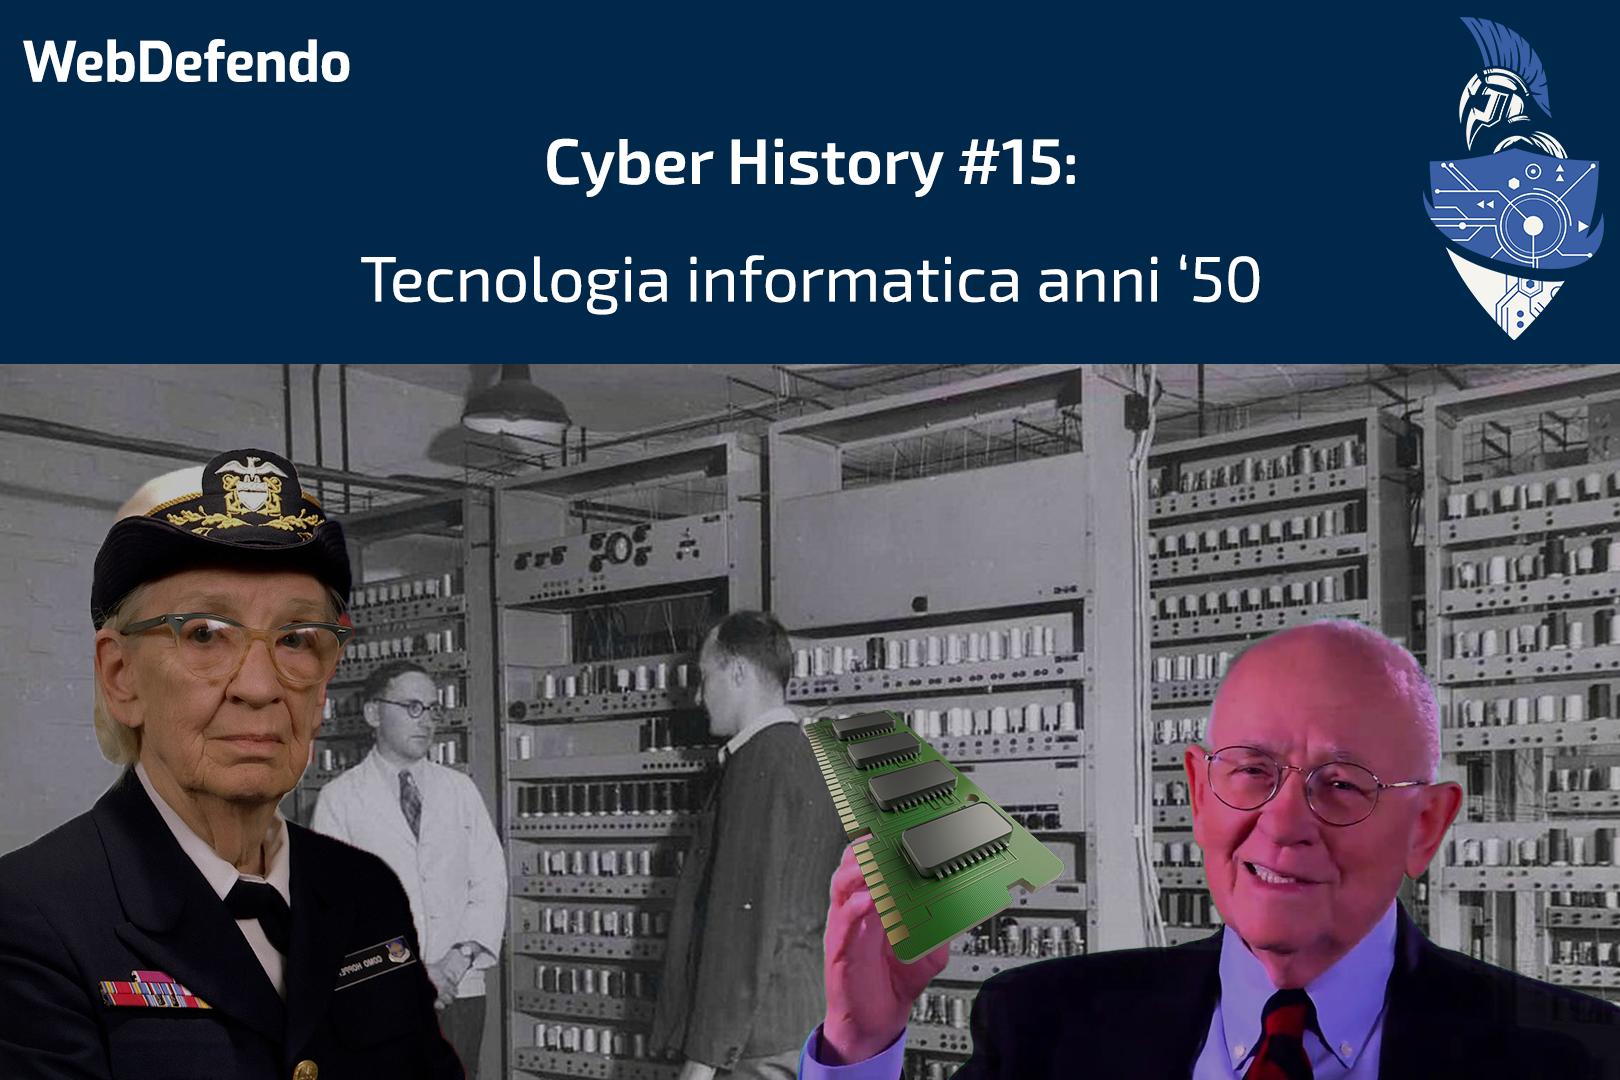 CyberHistory #15: Tecnologia informatica anni '50